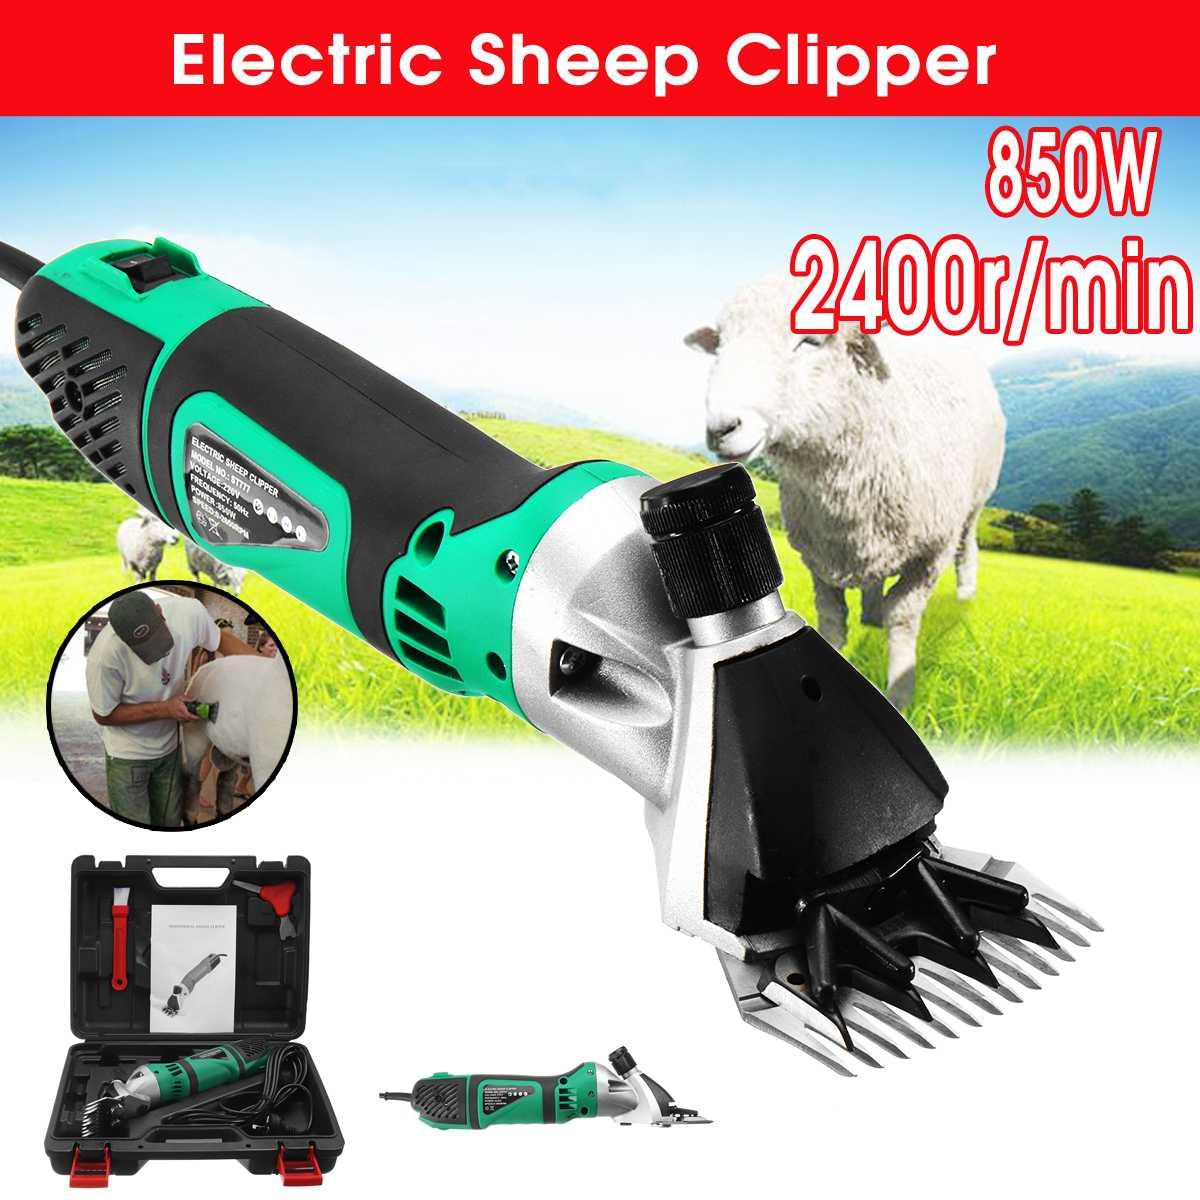 Doersupp 230V 850W Electric Sheep Shearing Clipper Scissors Set Shears Cutter Goat Clipper Machines 2400r/min AU/US Plug